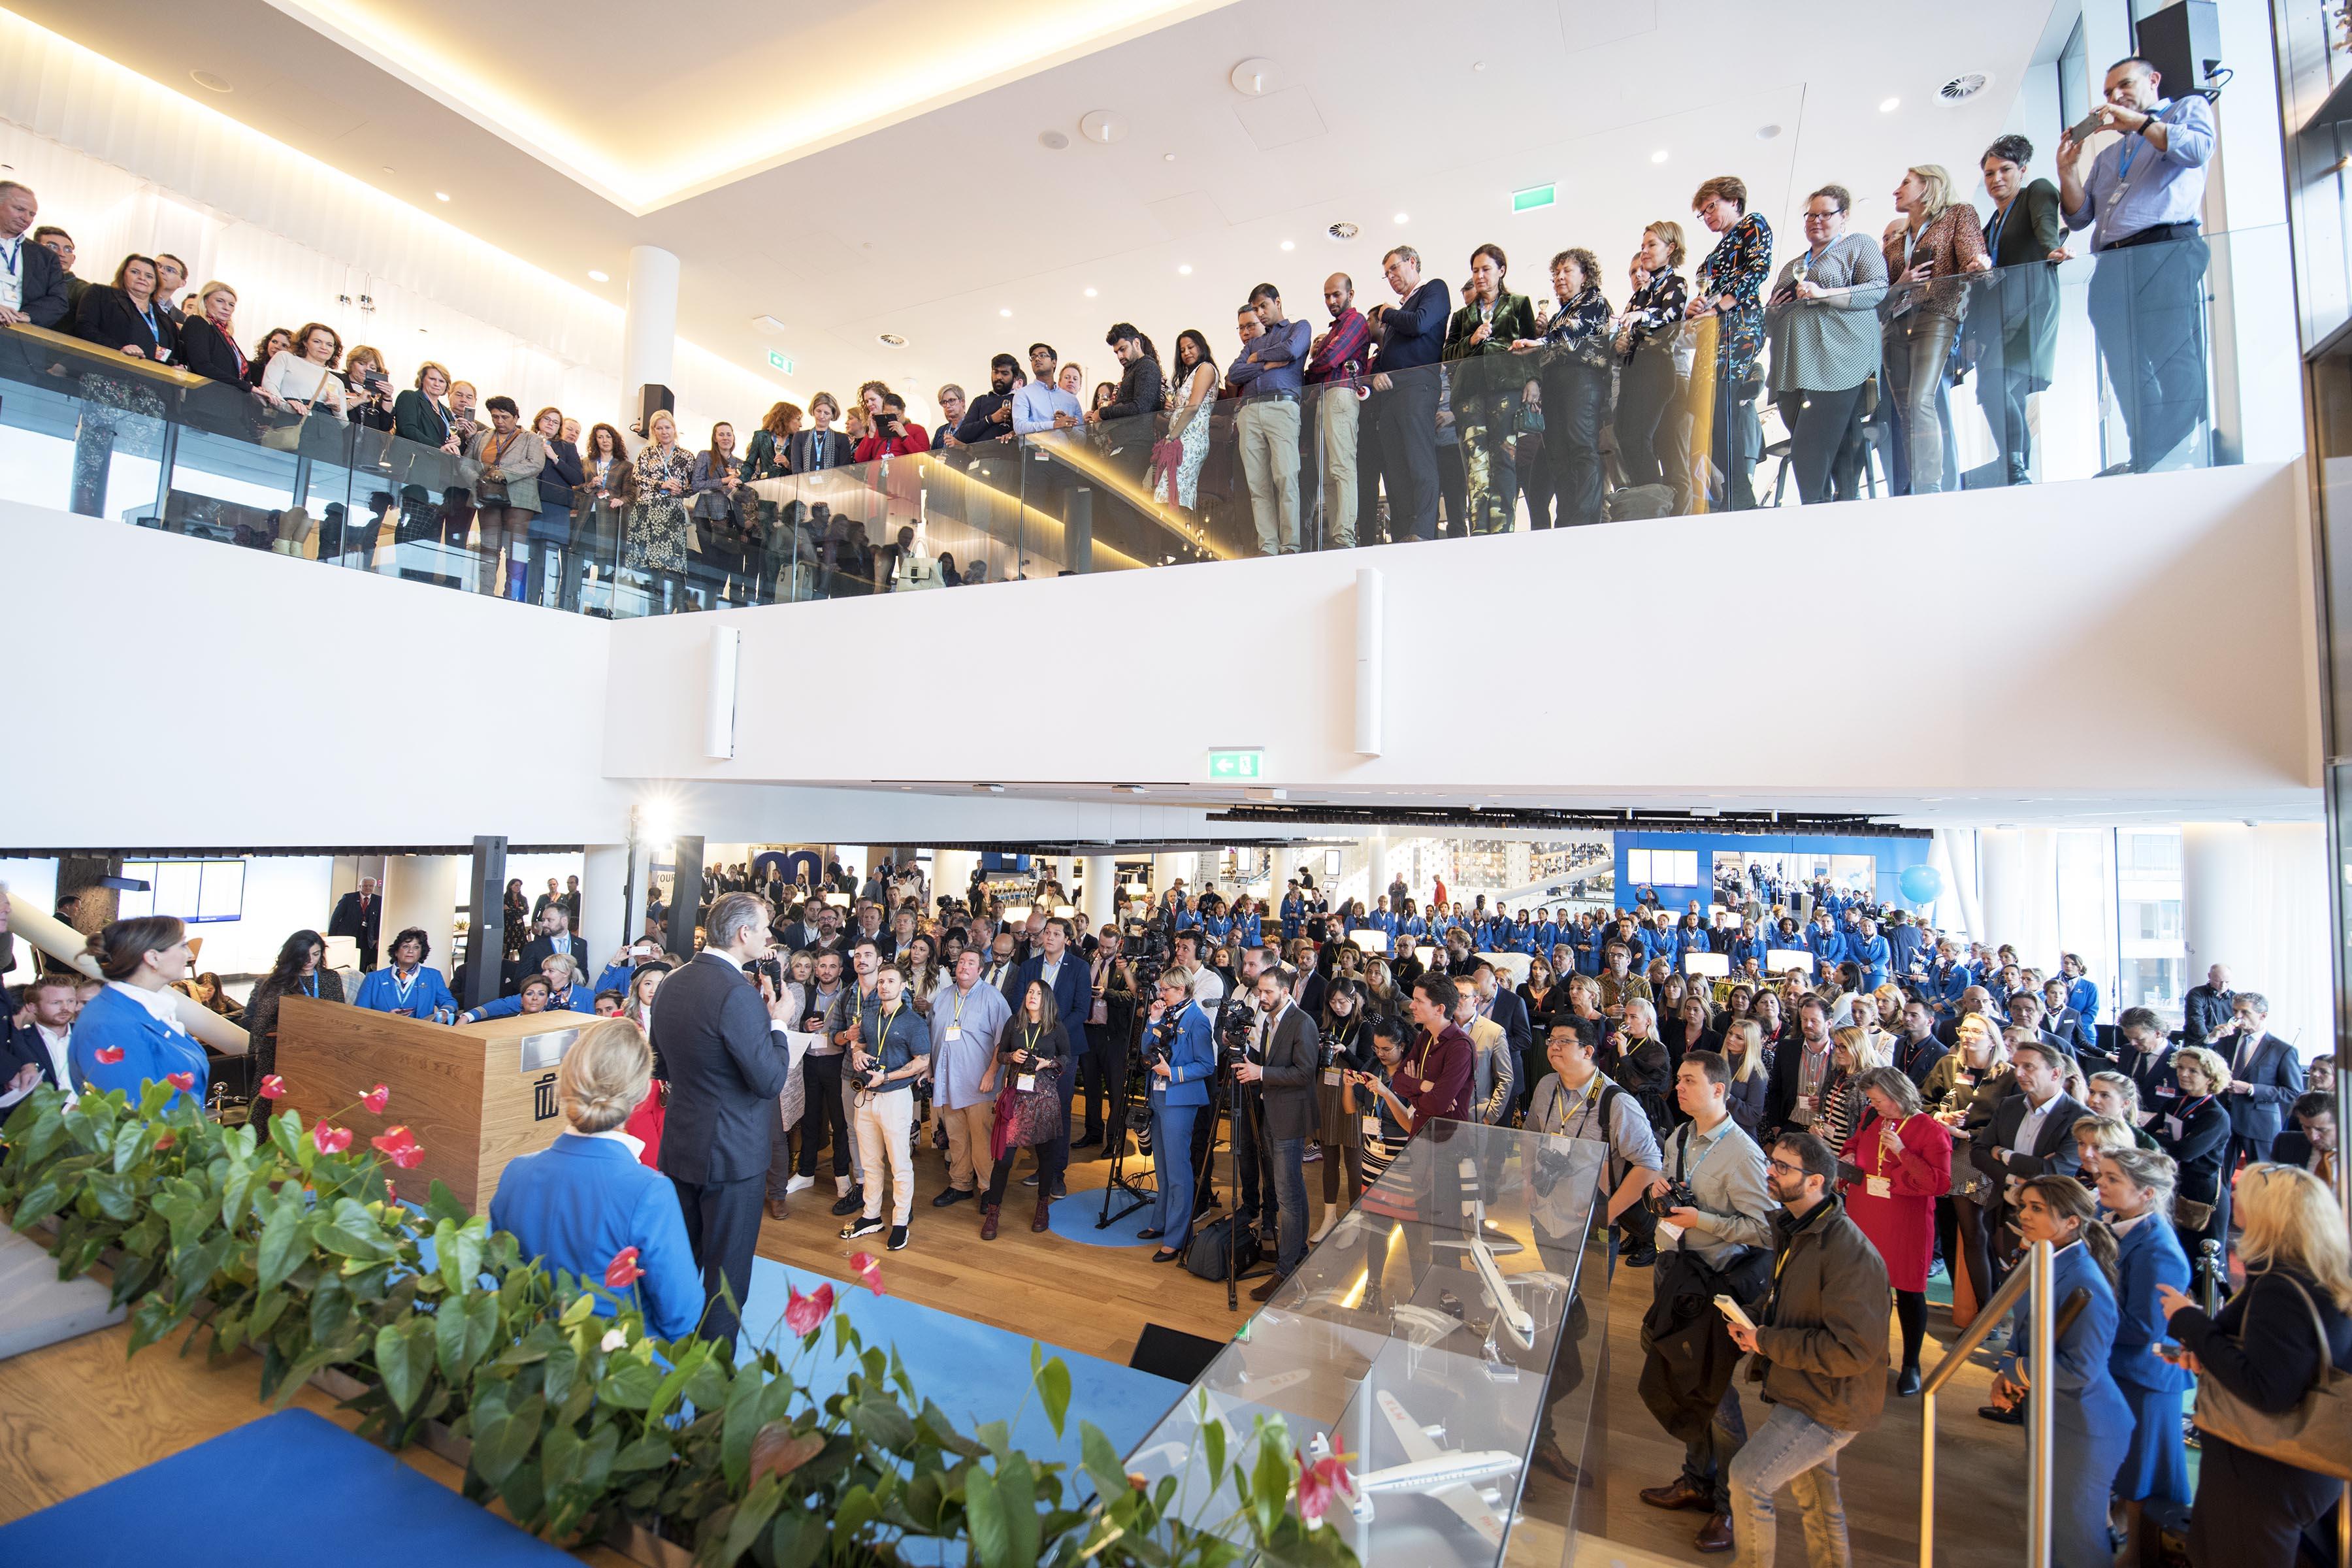 Rejsende, ansatte, presse og inviterede gæster var mødt frem til åbningen. (Foto: Joakim J. Hvistendahl)